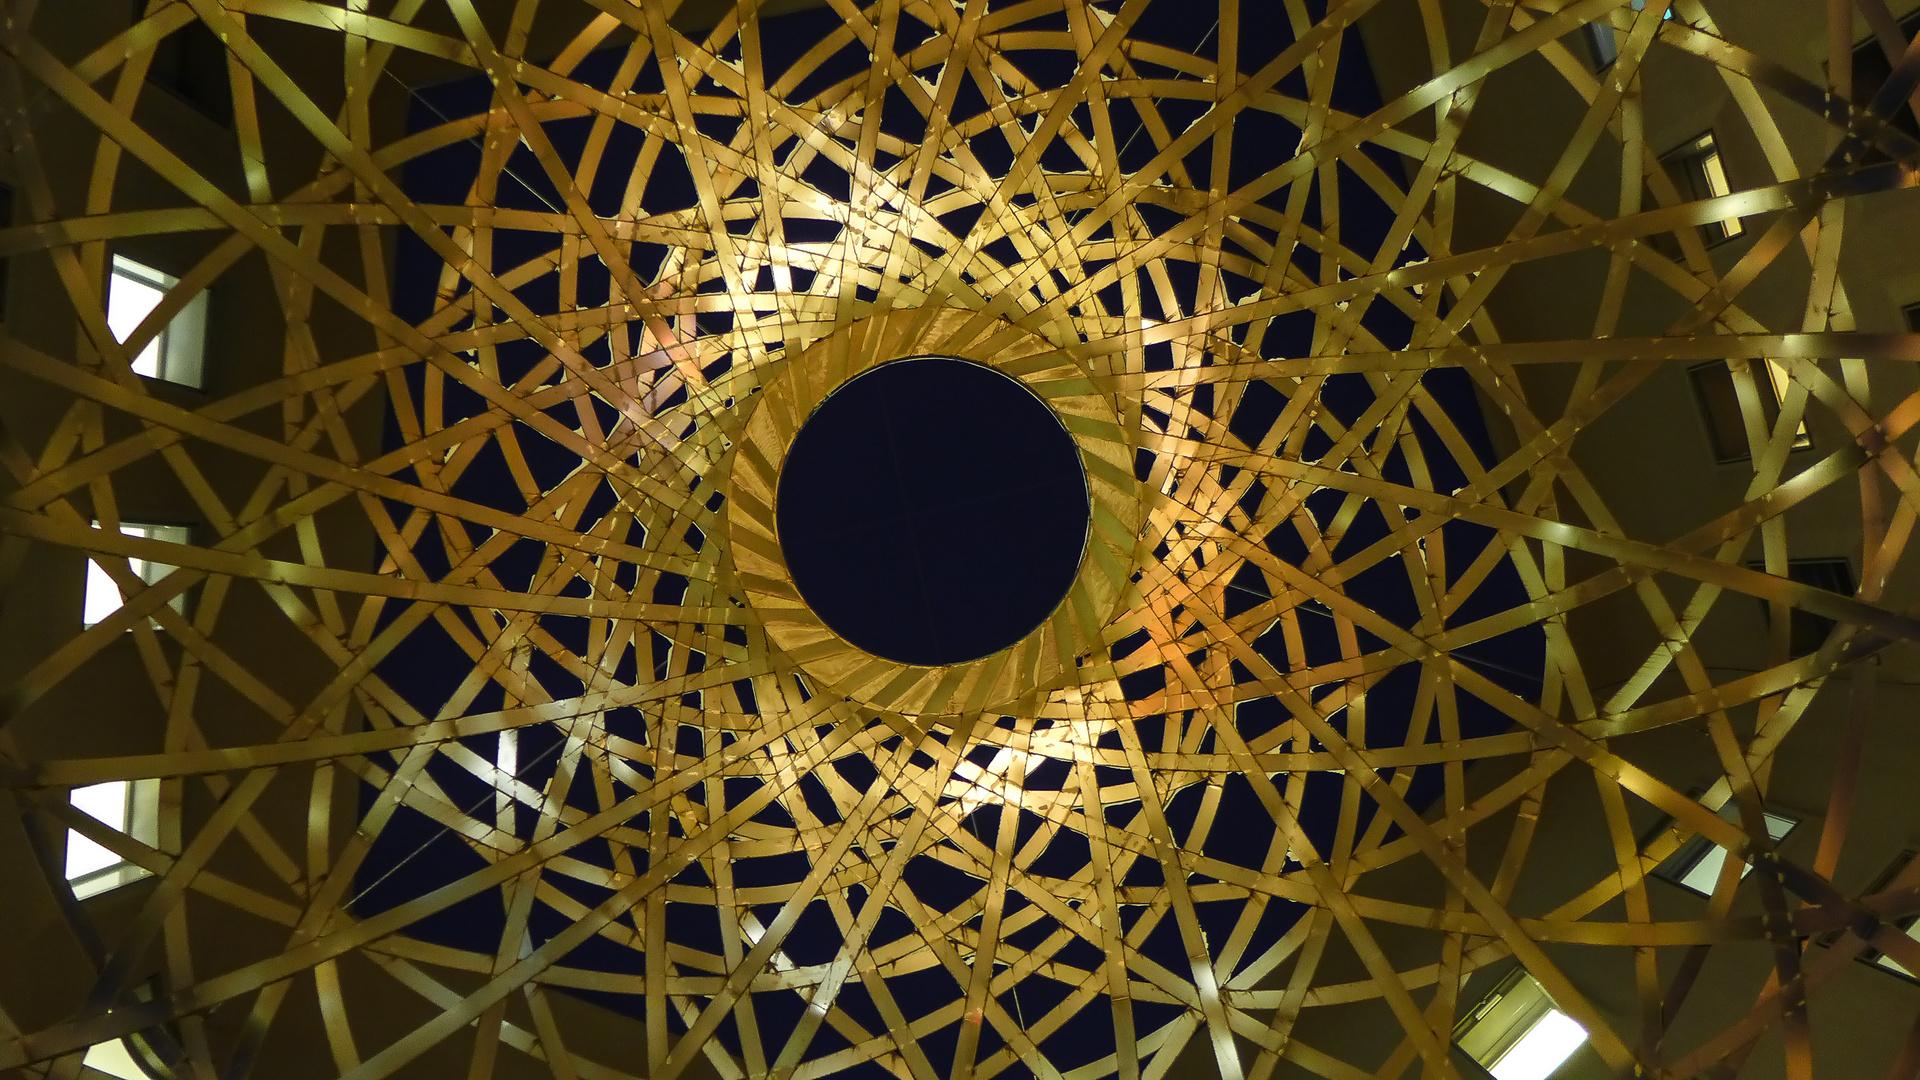 Sphere in den 5 Höfen, München